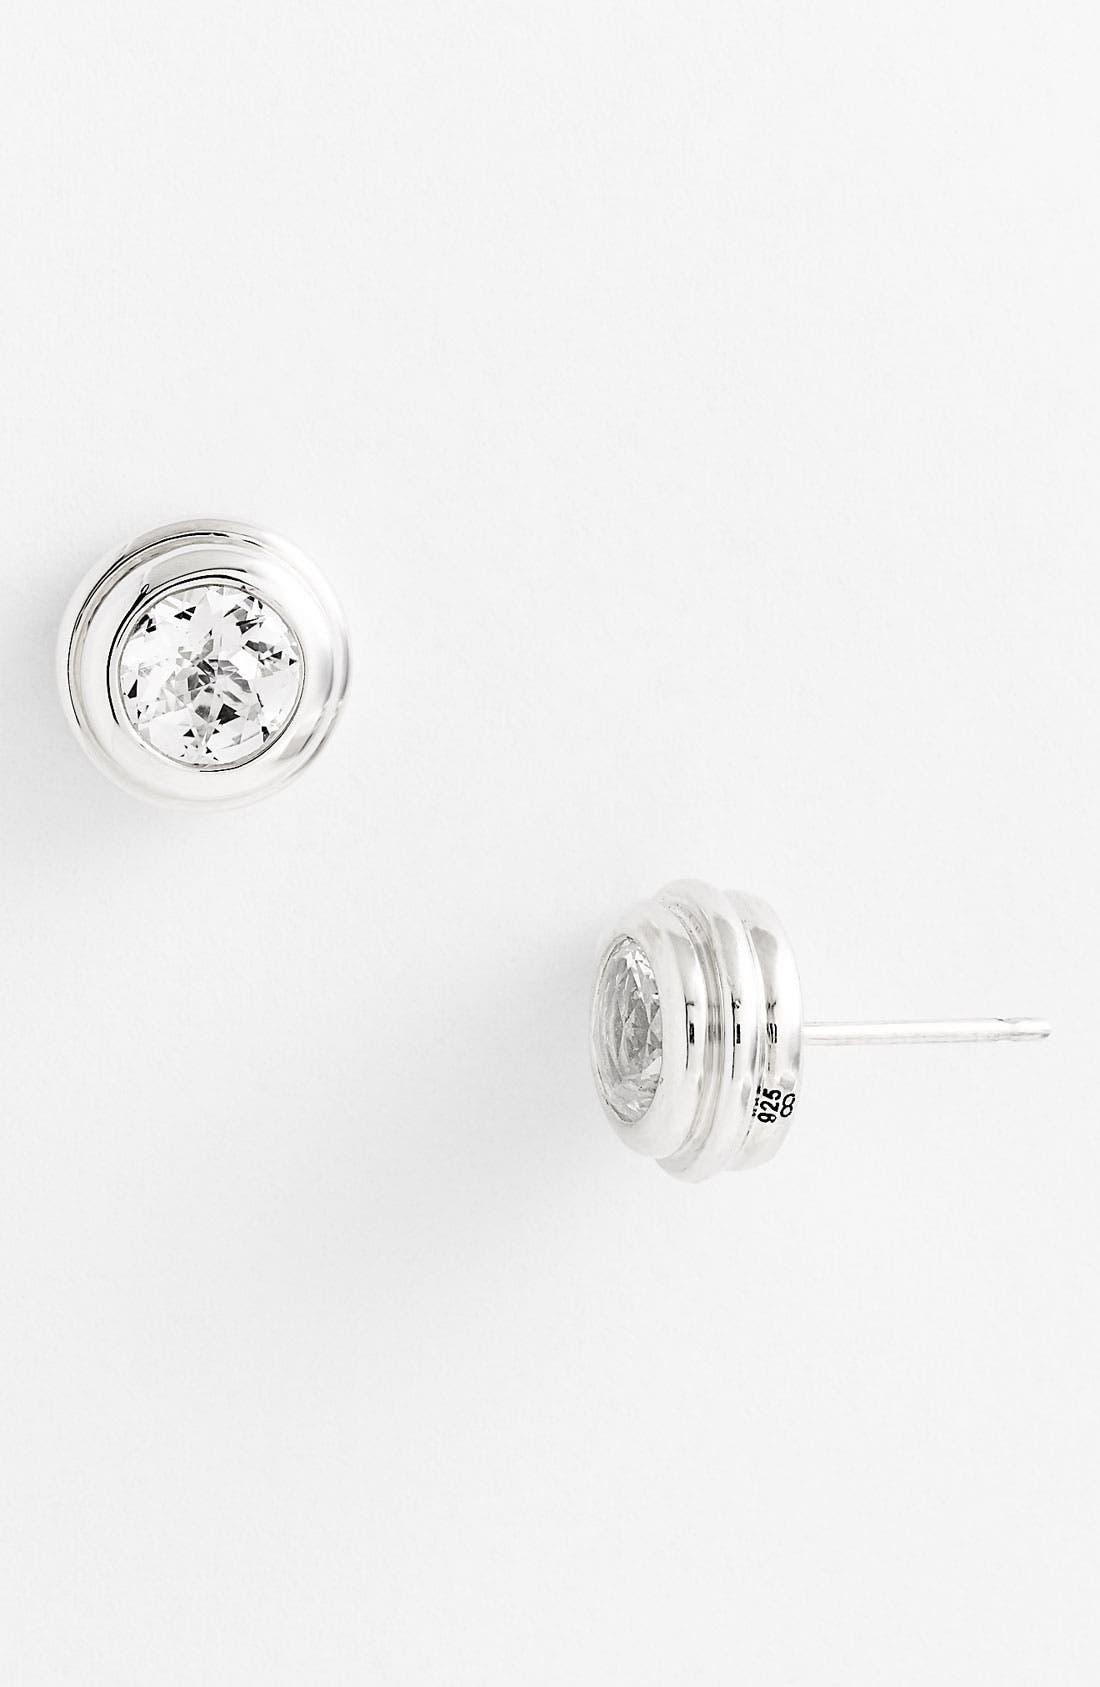 Alternate Image 1 Selected - John Hardy 'Bedeg' Round Stud Earrings